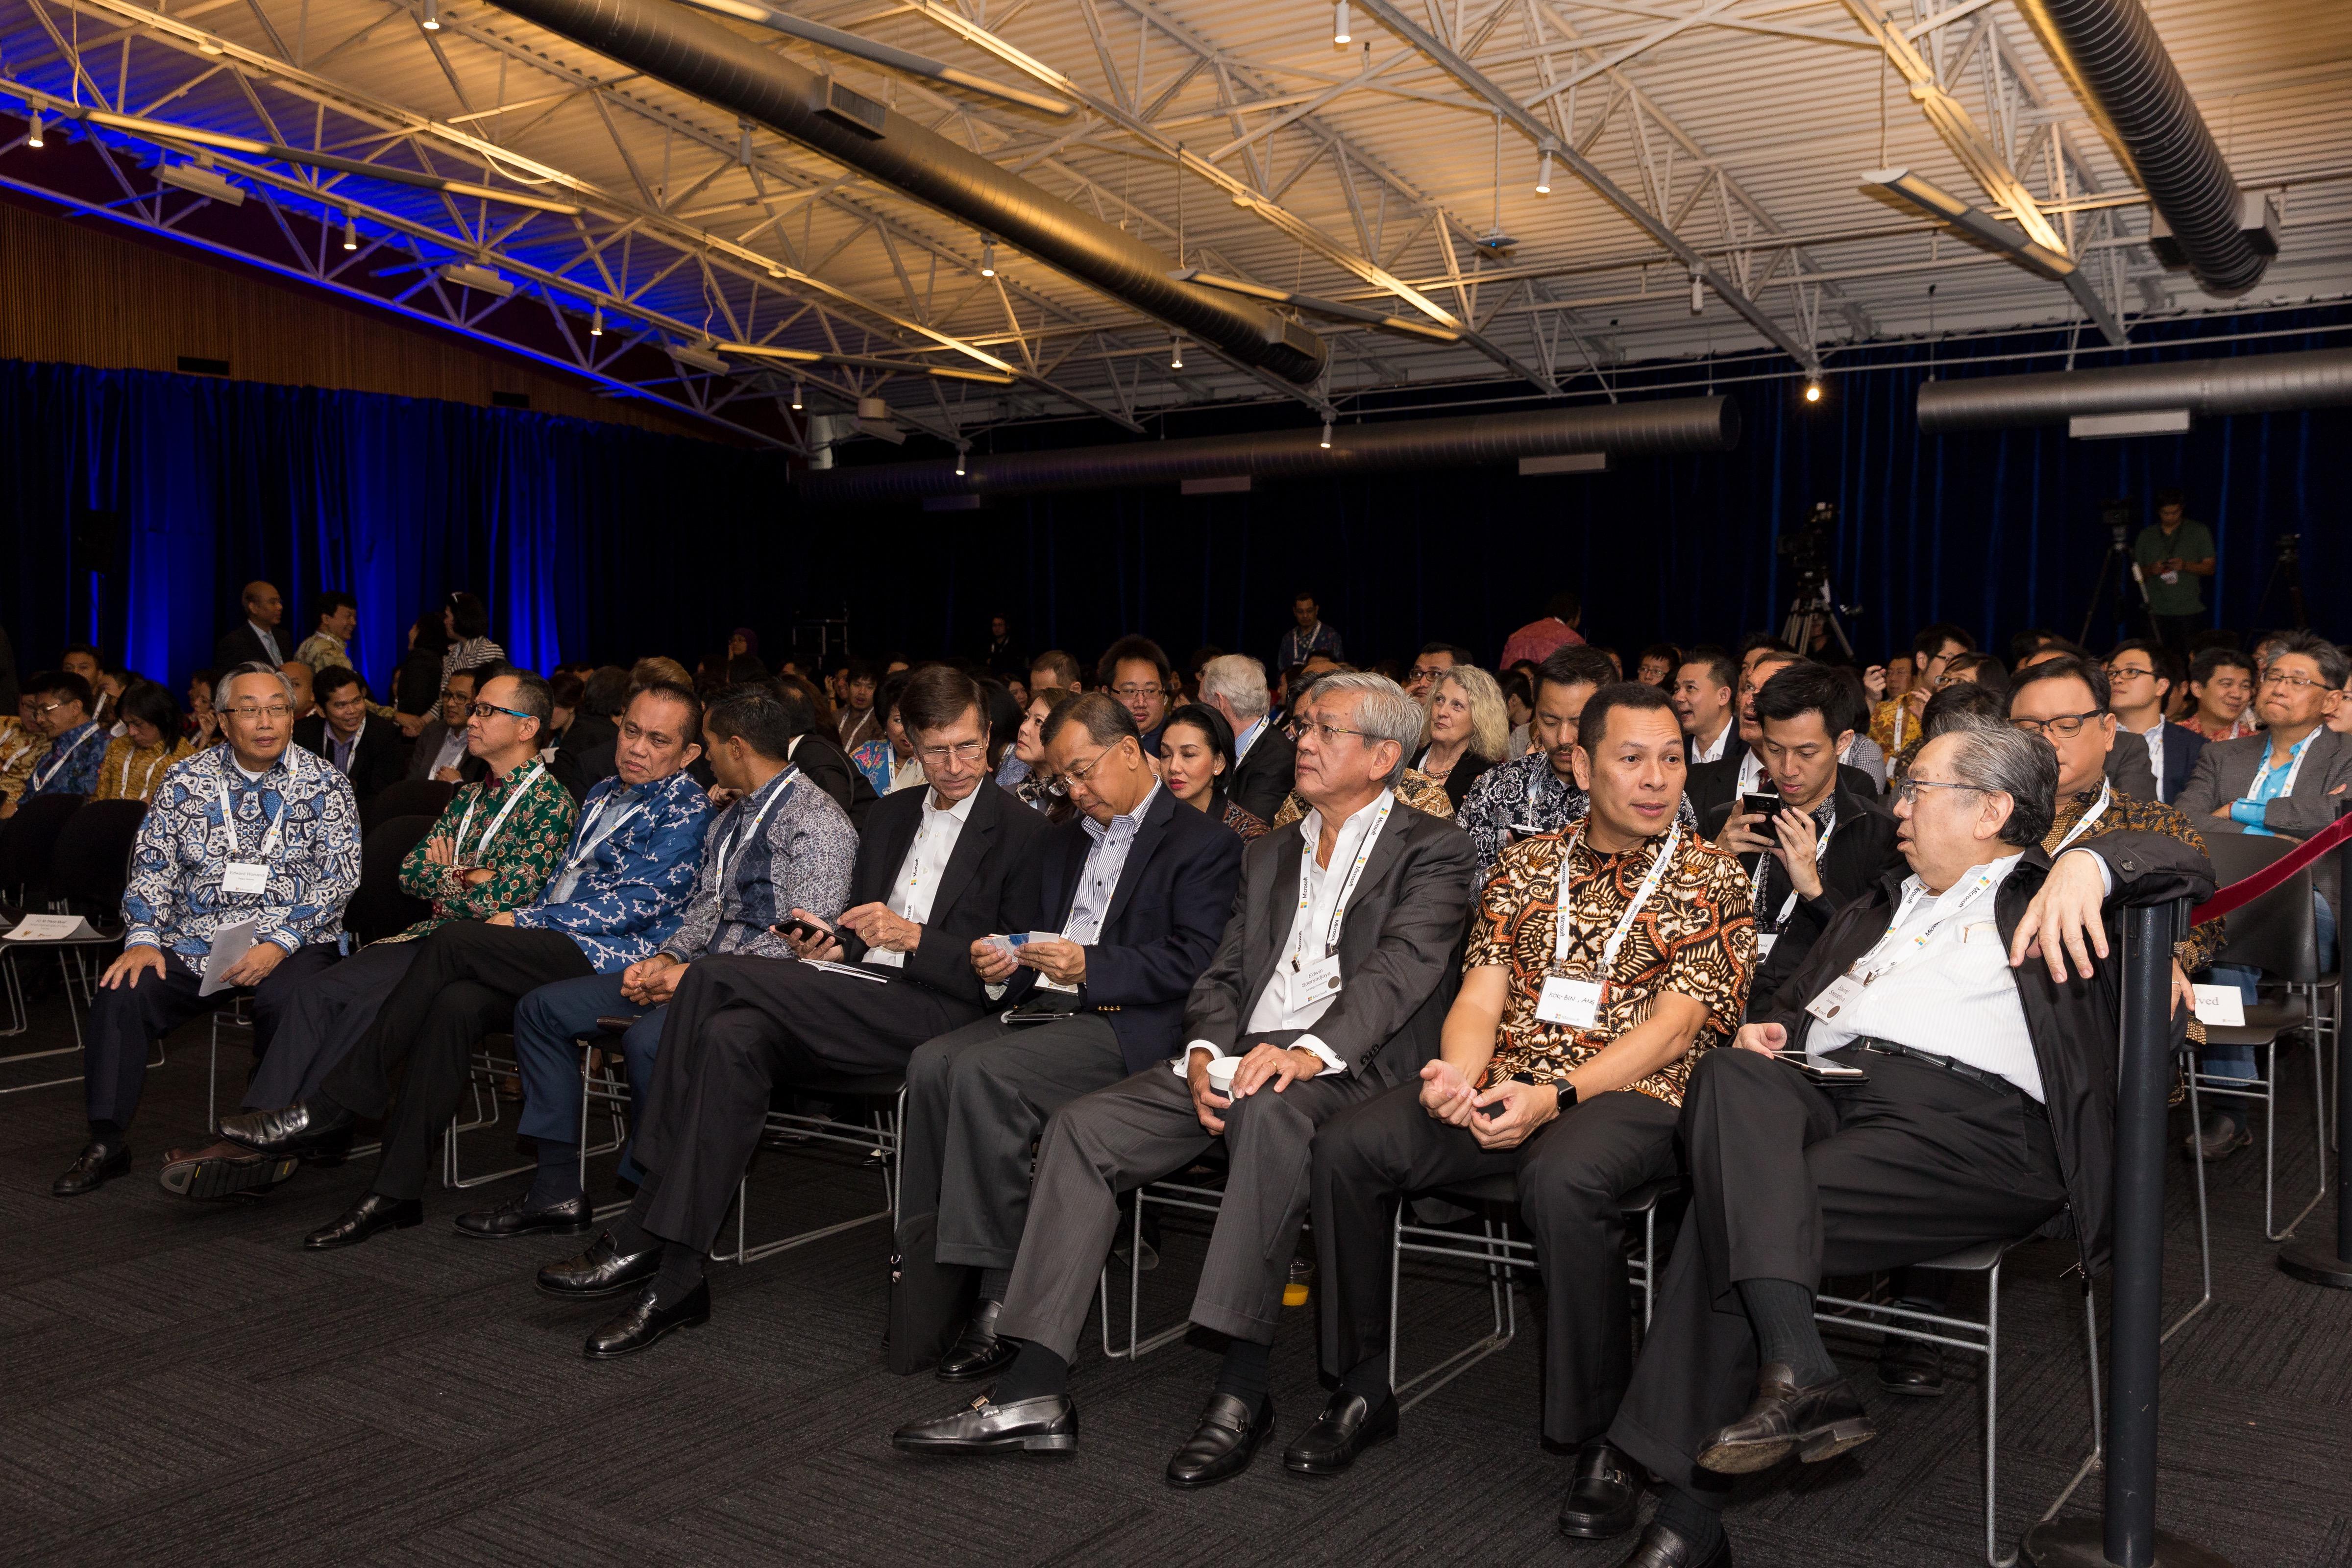 Indo delegation visit to SV - 36 of 115